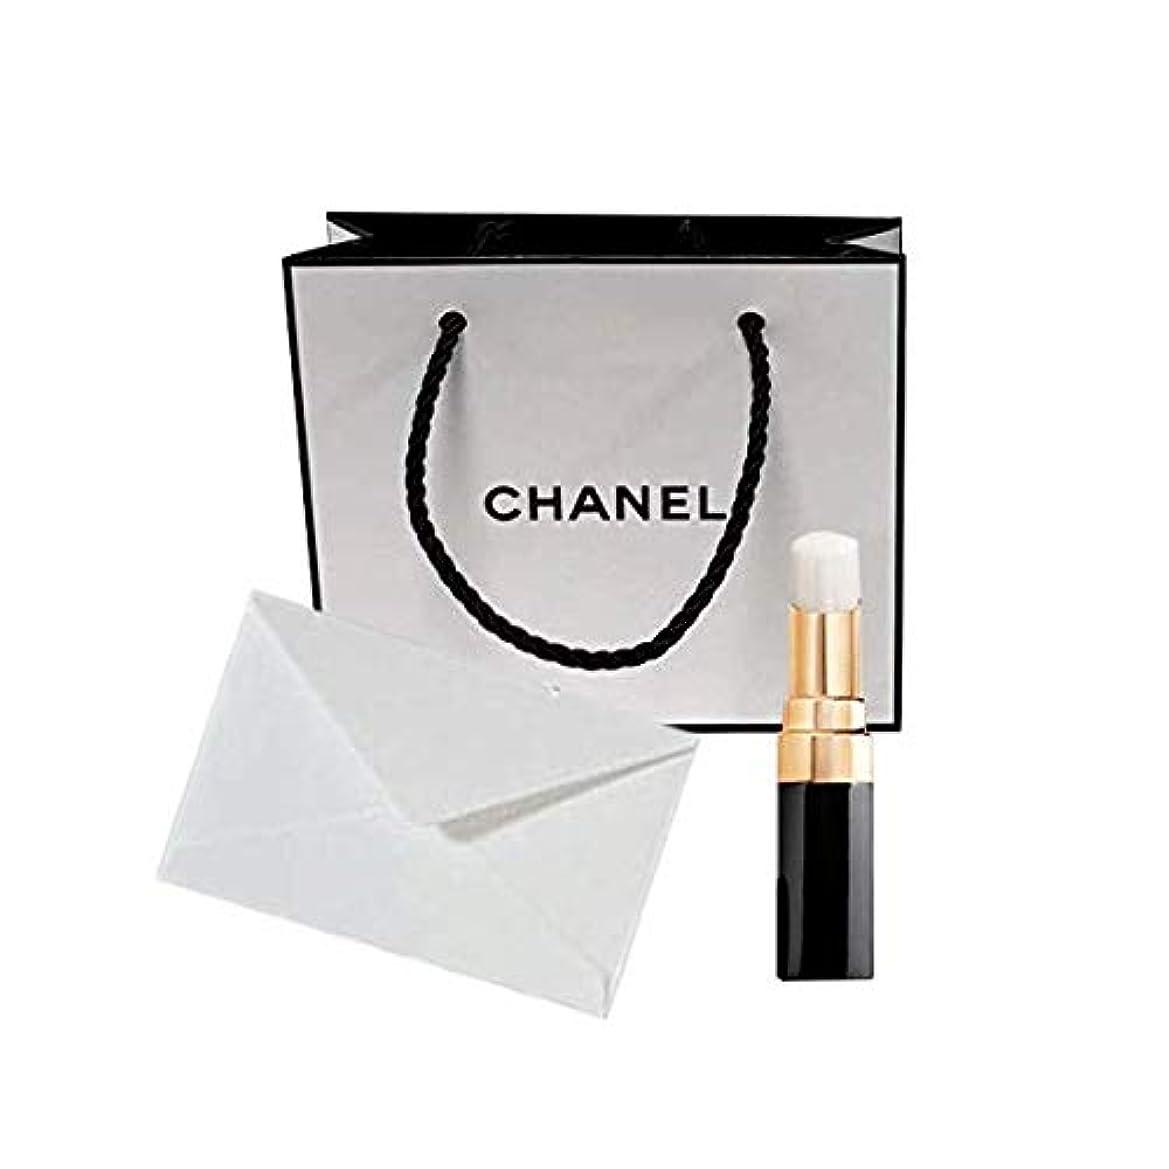 クロール挽く世界の窓CHANEL シャネル ルージュ ココ ボーム